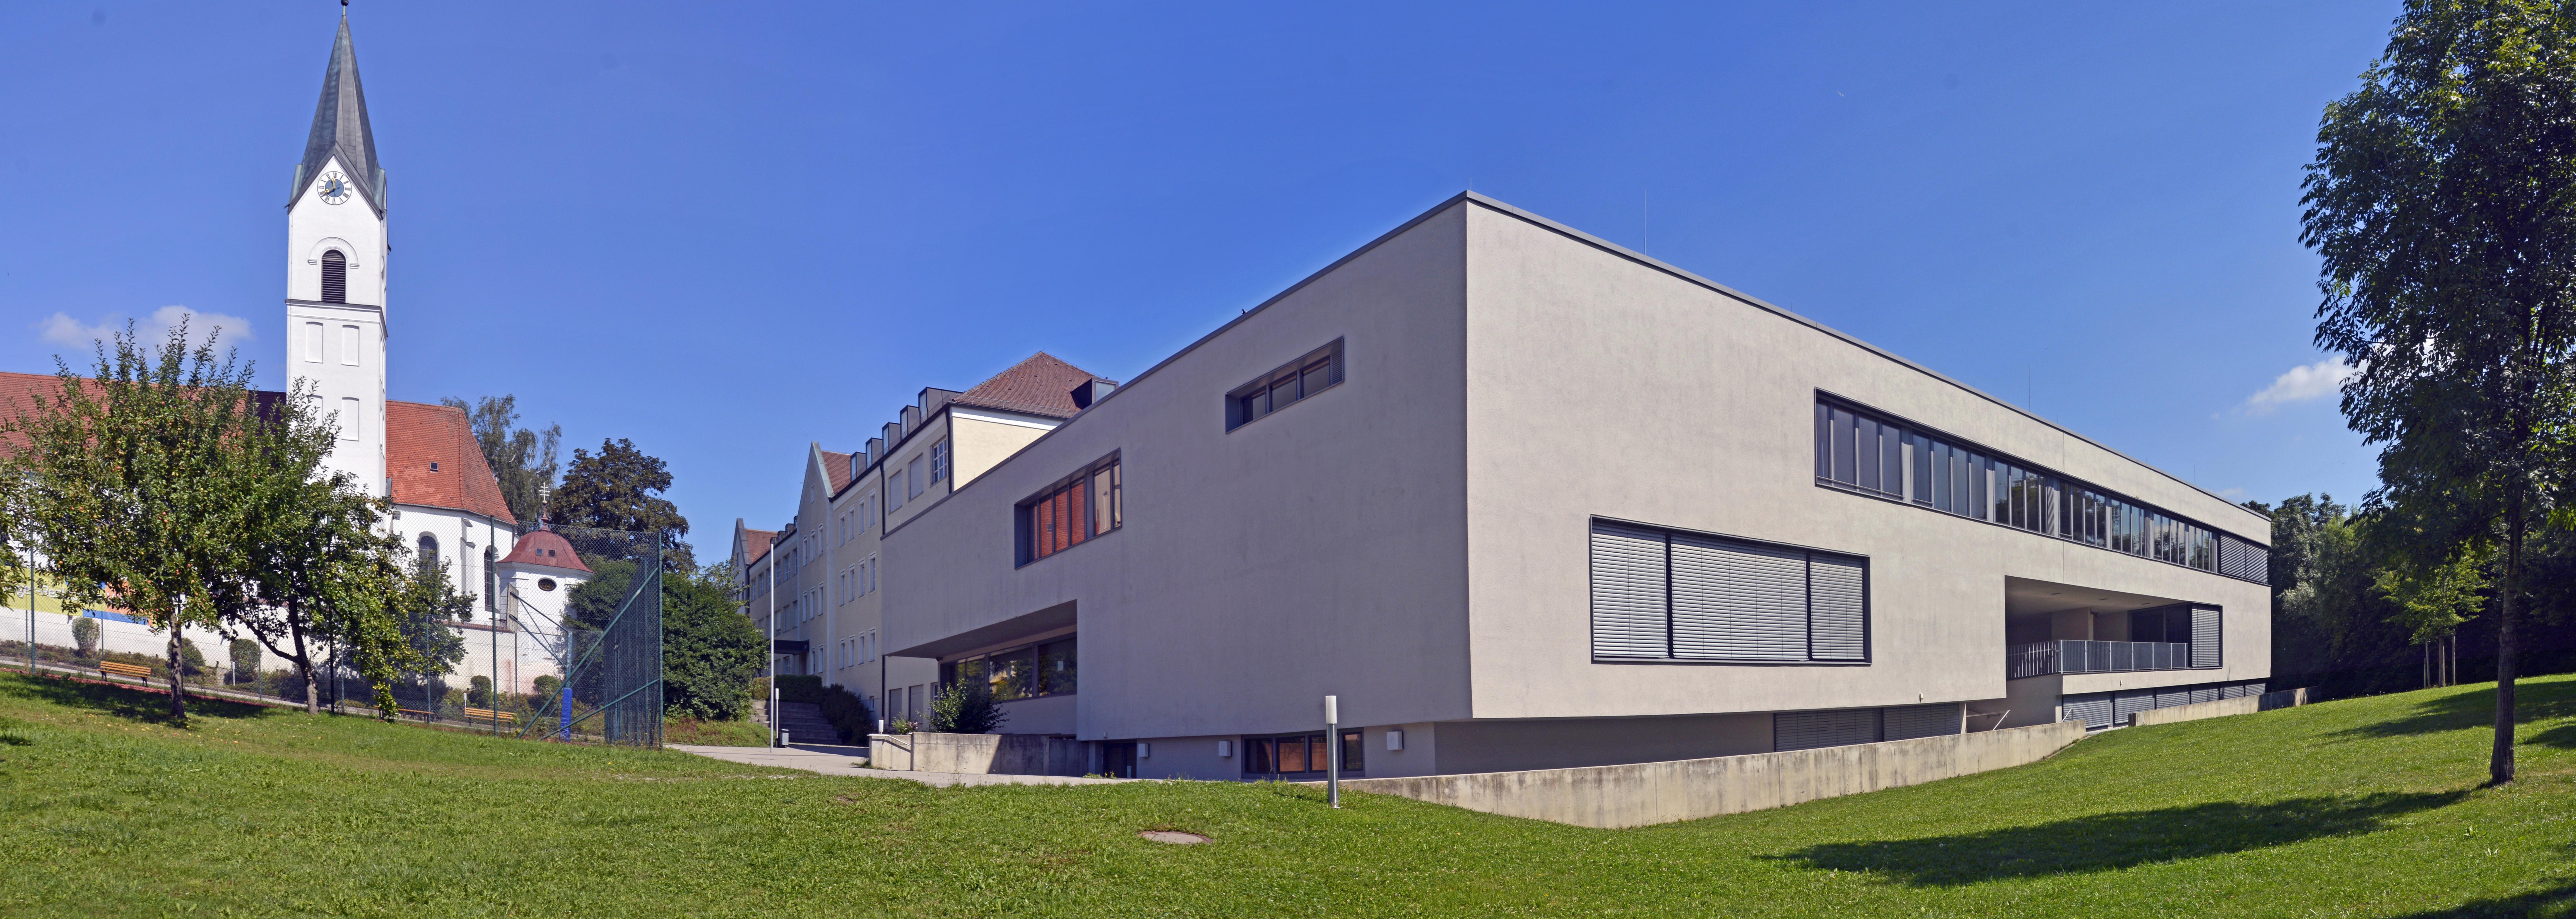 FileErzbischfliche Theresia Gerhardinger Realschule Weichs